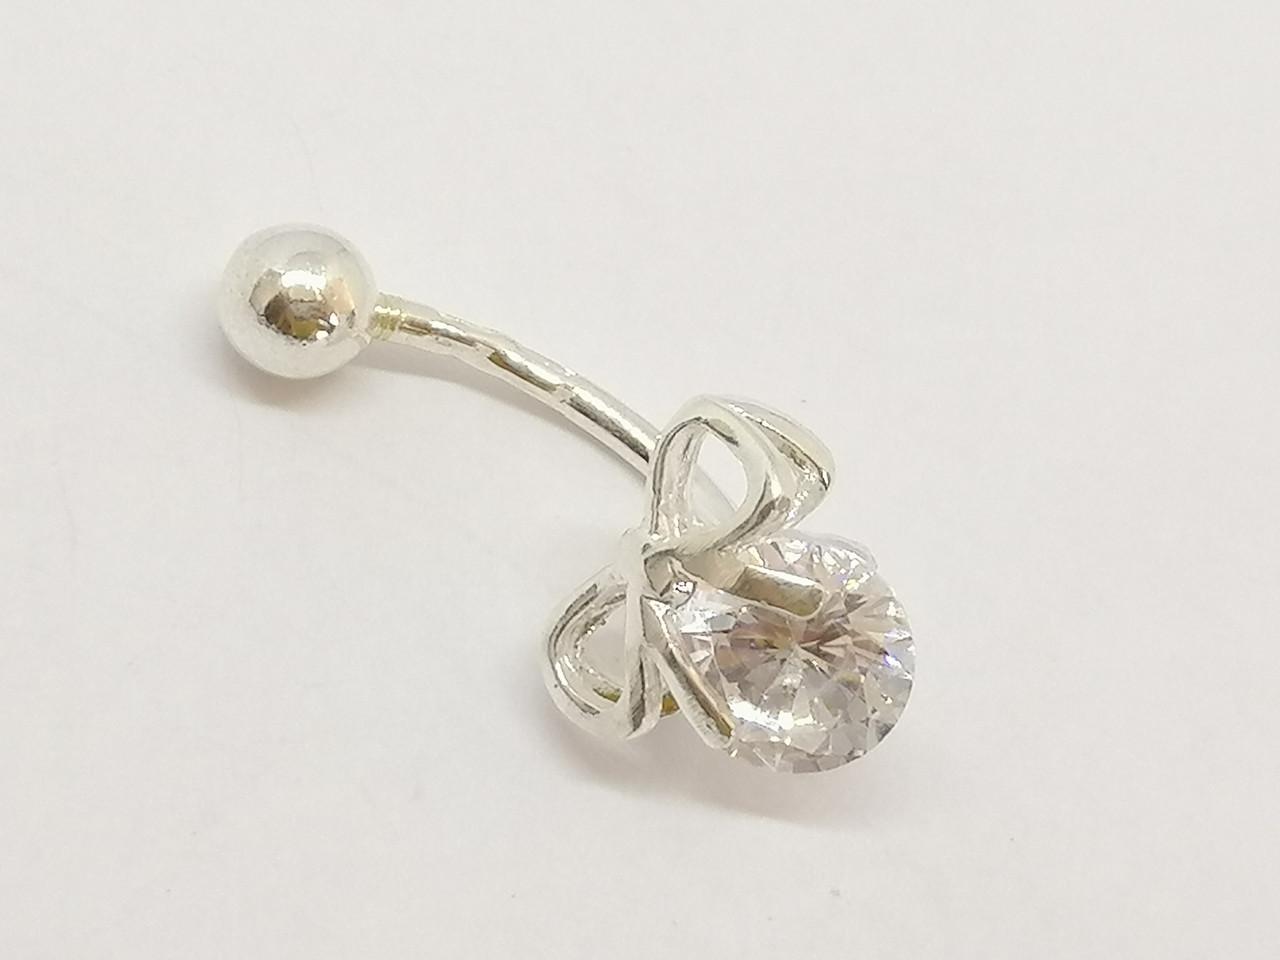 Серебряная серьга для пирсинга пупка с фианитами. Артикул 6-5485